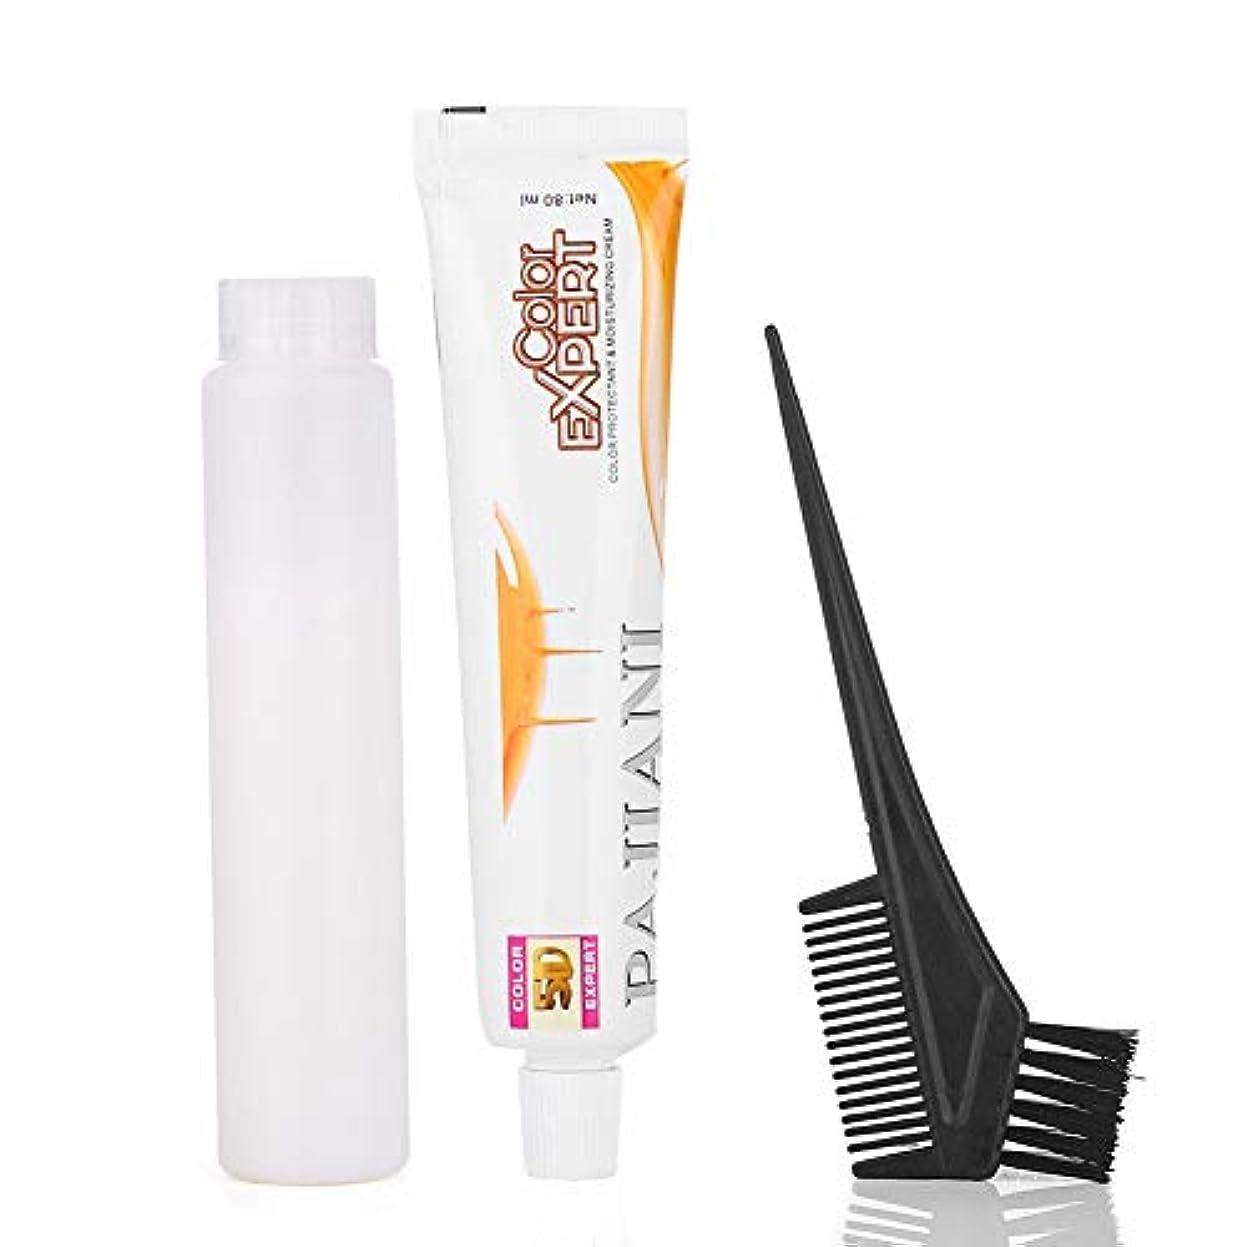 商人十彼らのヘアホワイトニングクリーム、ヘアブリーチングパウダー80ml /個ヘアホワイトニングクリームヘアダイクリームブリーチング理髪ツール